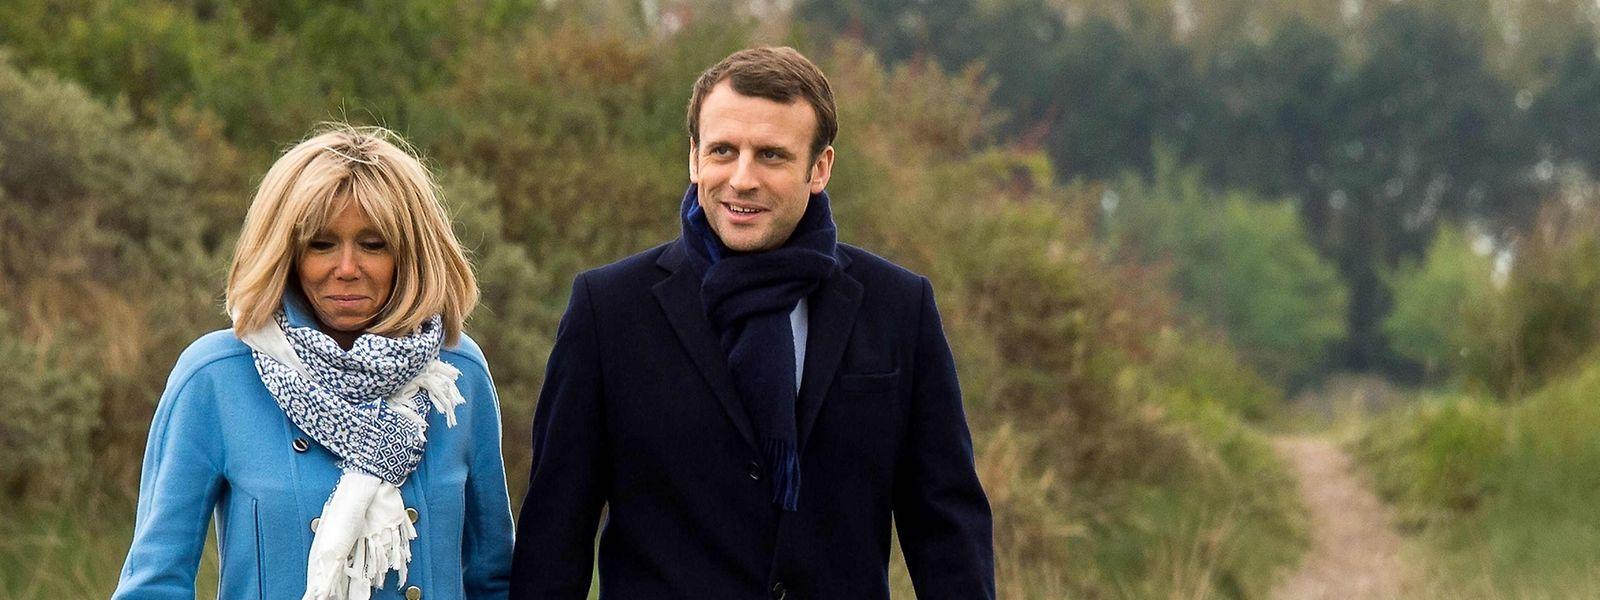 Das Ehepaar Macron bei einem gemeinsamen Spaziergang.